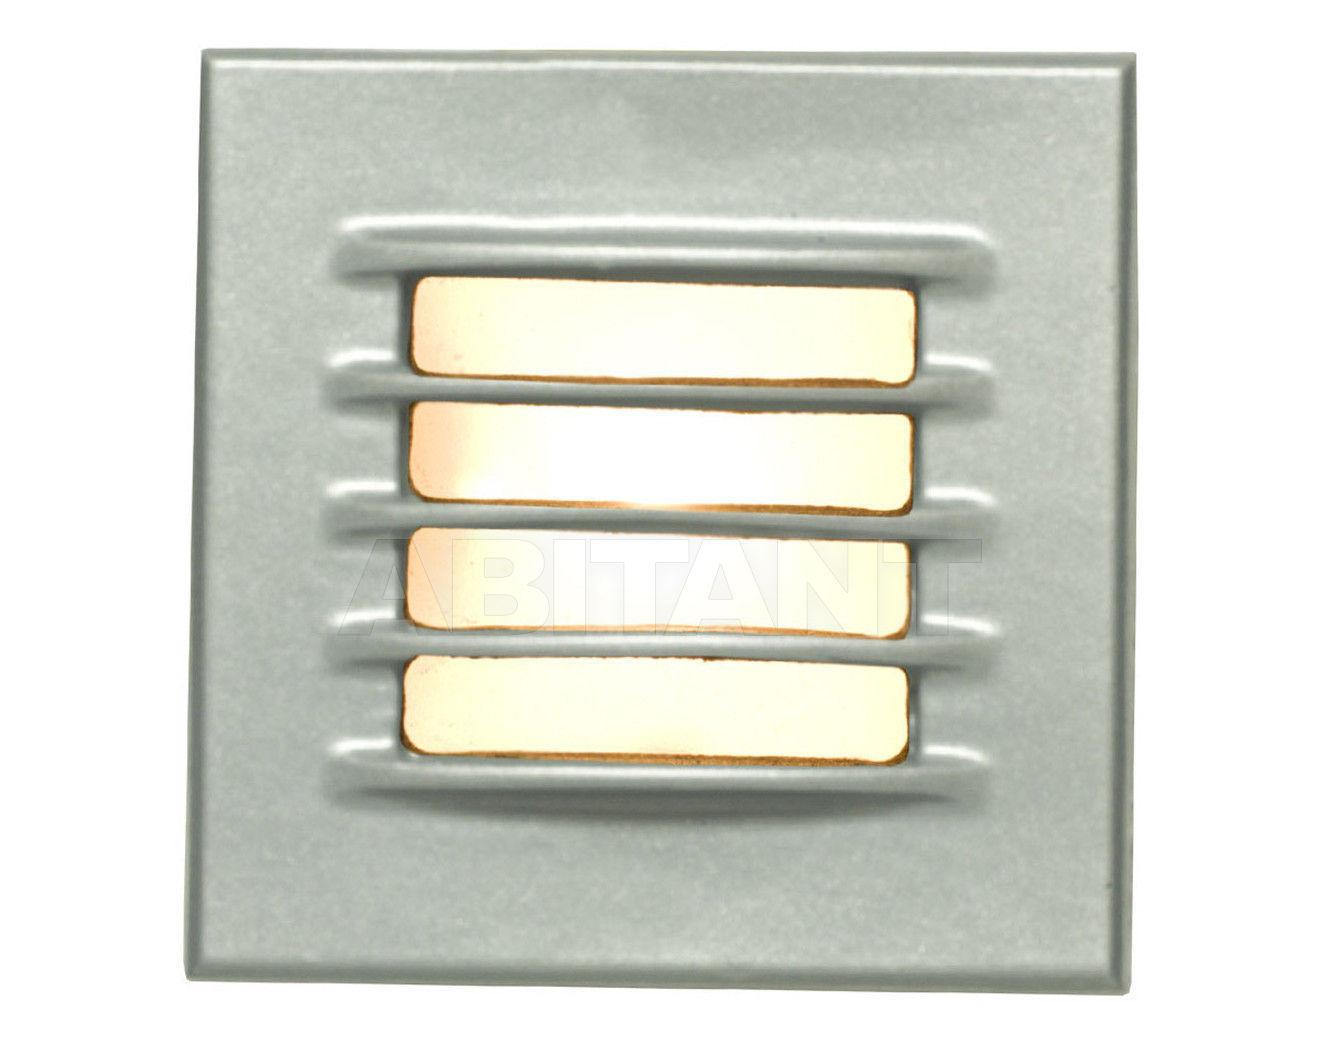 Купить Встраиваемый светильник Davey Lighting Ceiling Lights 7601/AL/PC/T